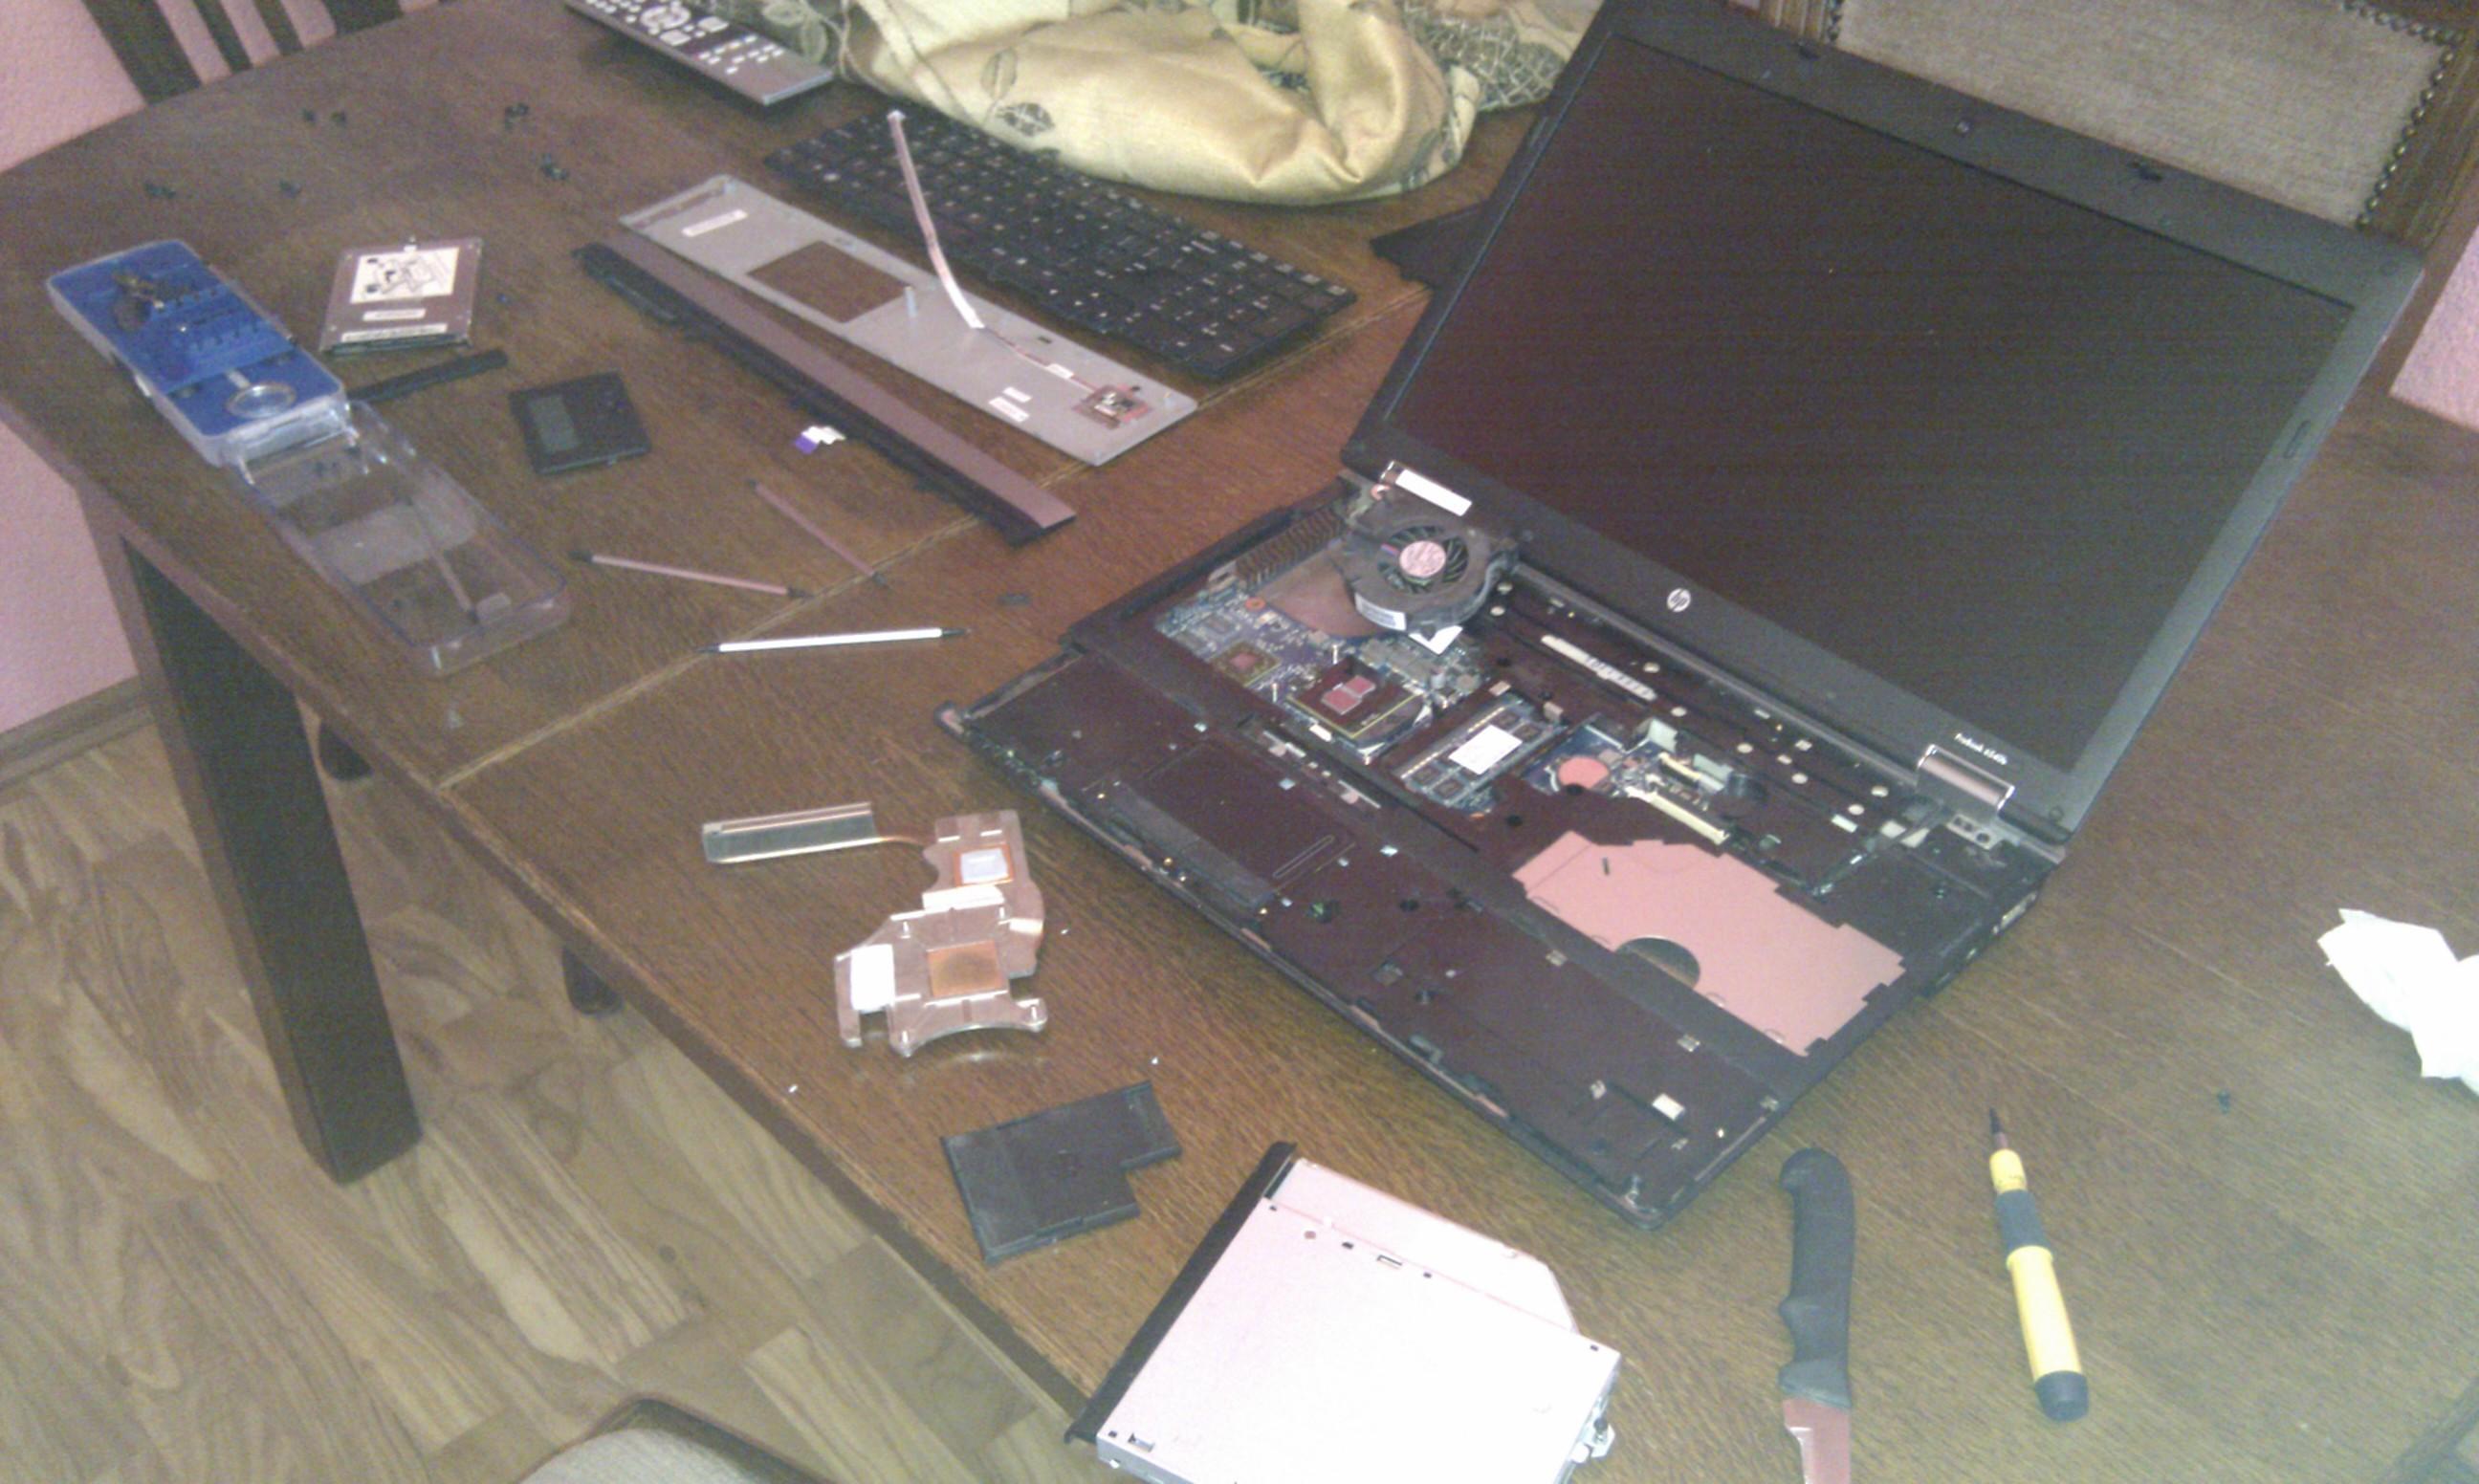 Przegrzewanie si� karty graficznej w HP ProBook 6540b - bardzo du�o r�nych pr�b